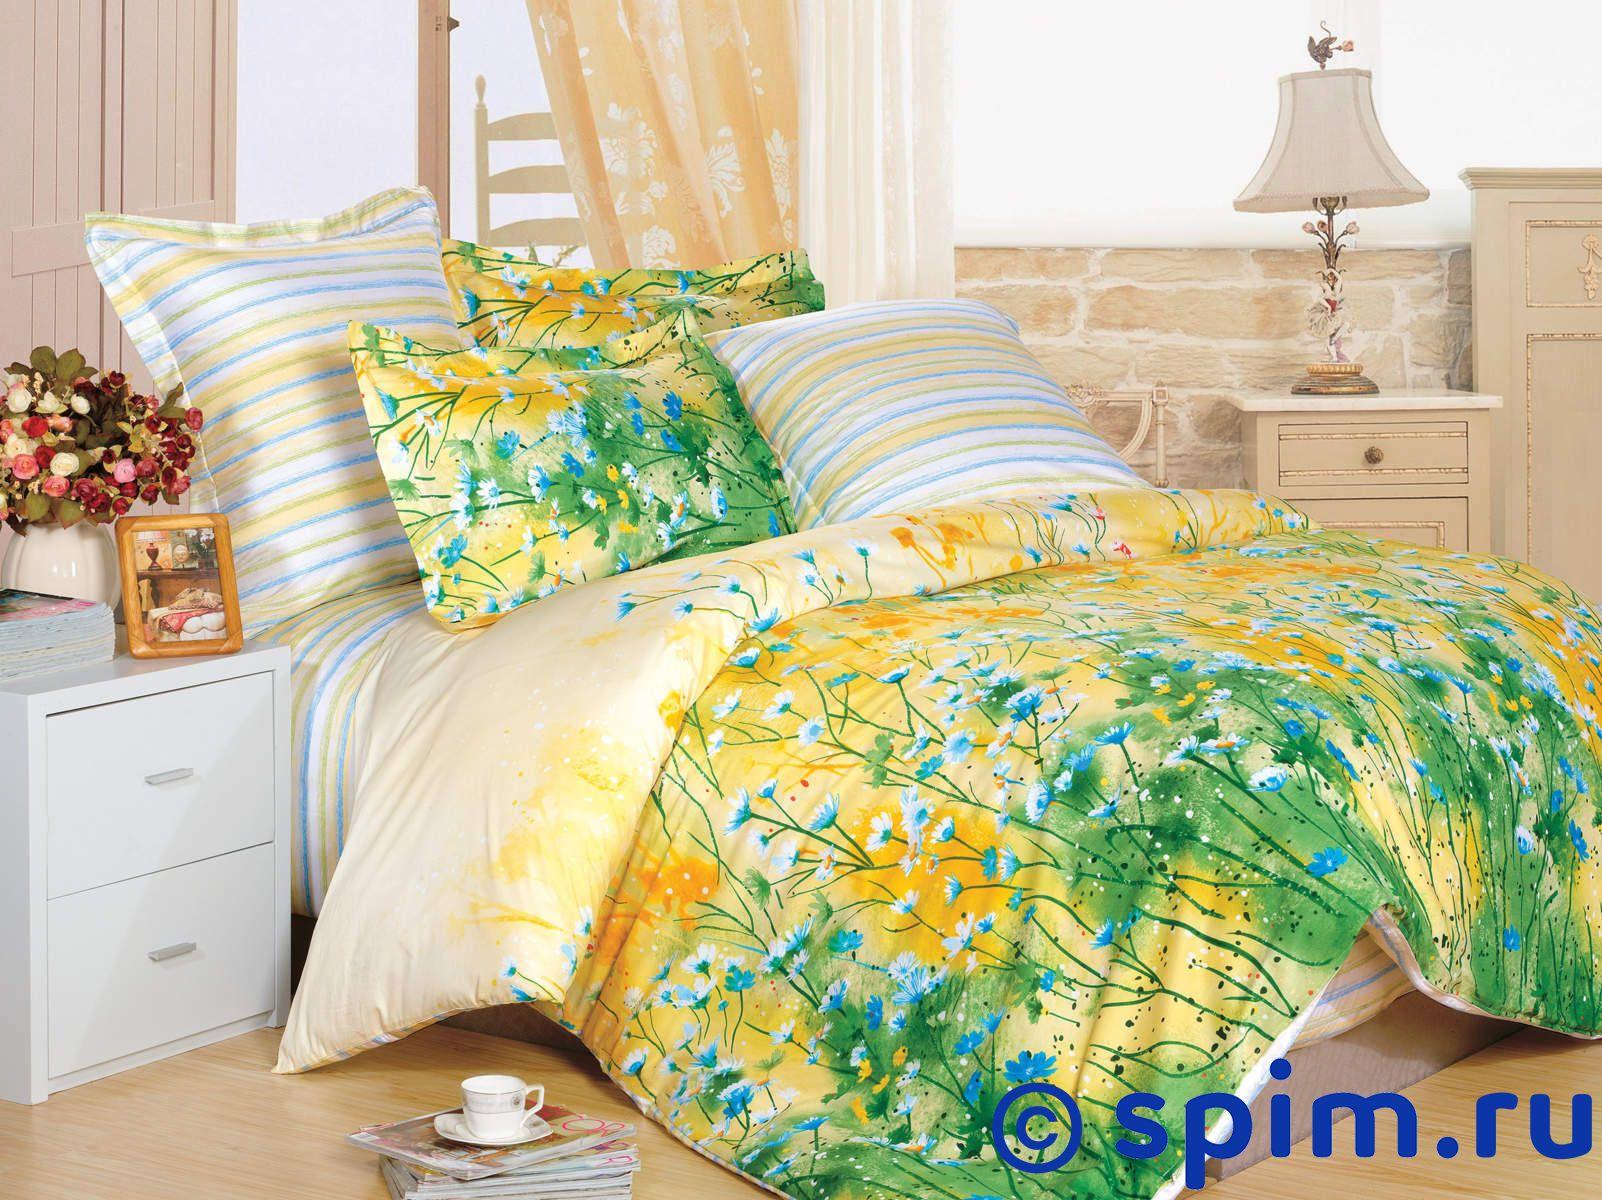 Комплект СайлиД В132 1.5 спальное